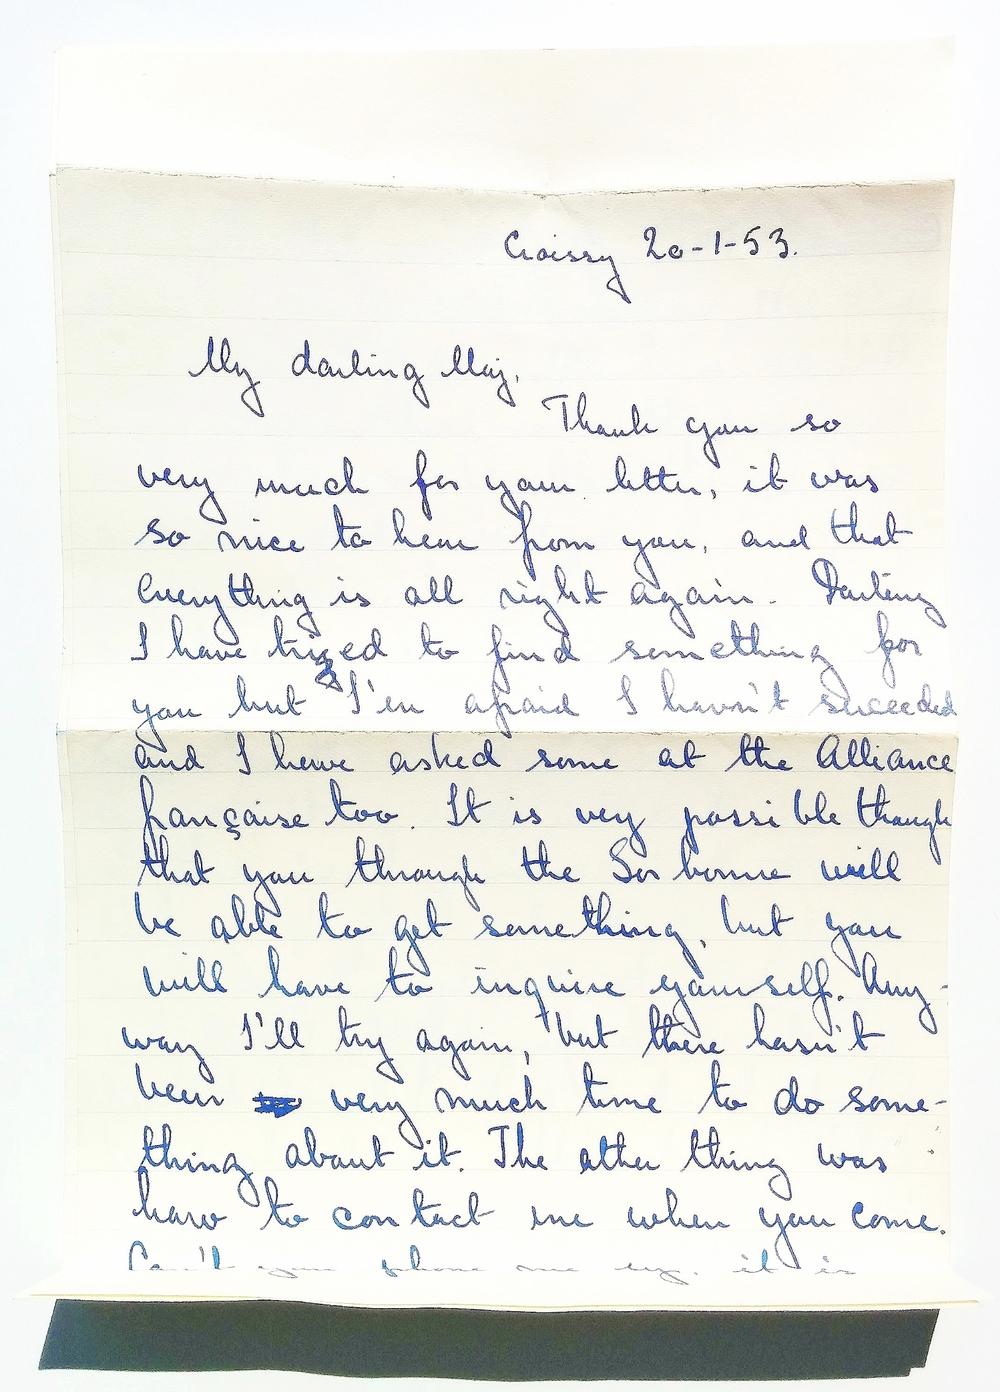 January 20th, 1953